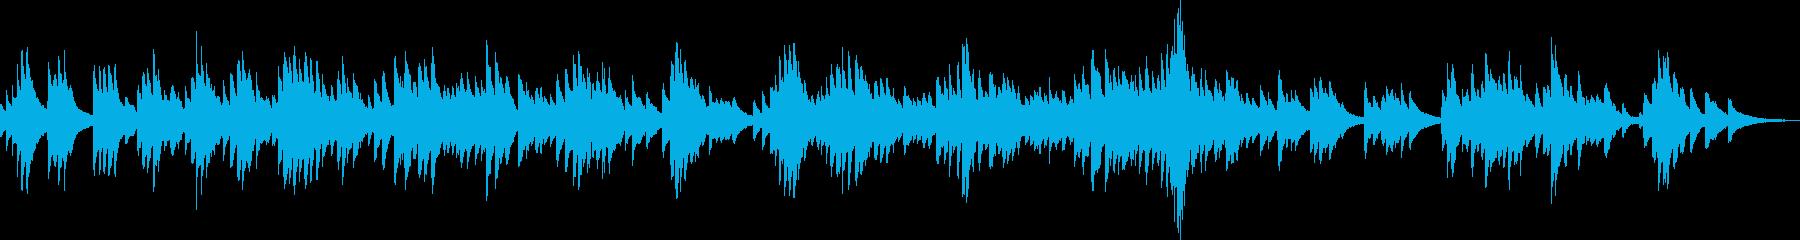 優しくて感動的なピアノバラードの再生済みの波形